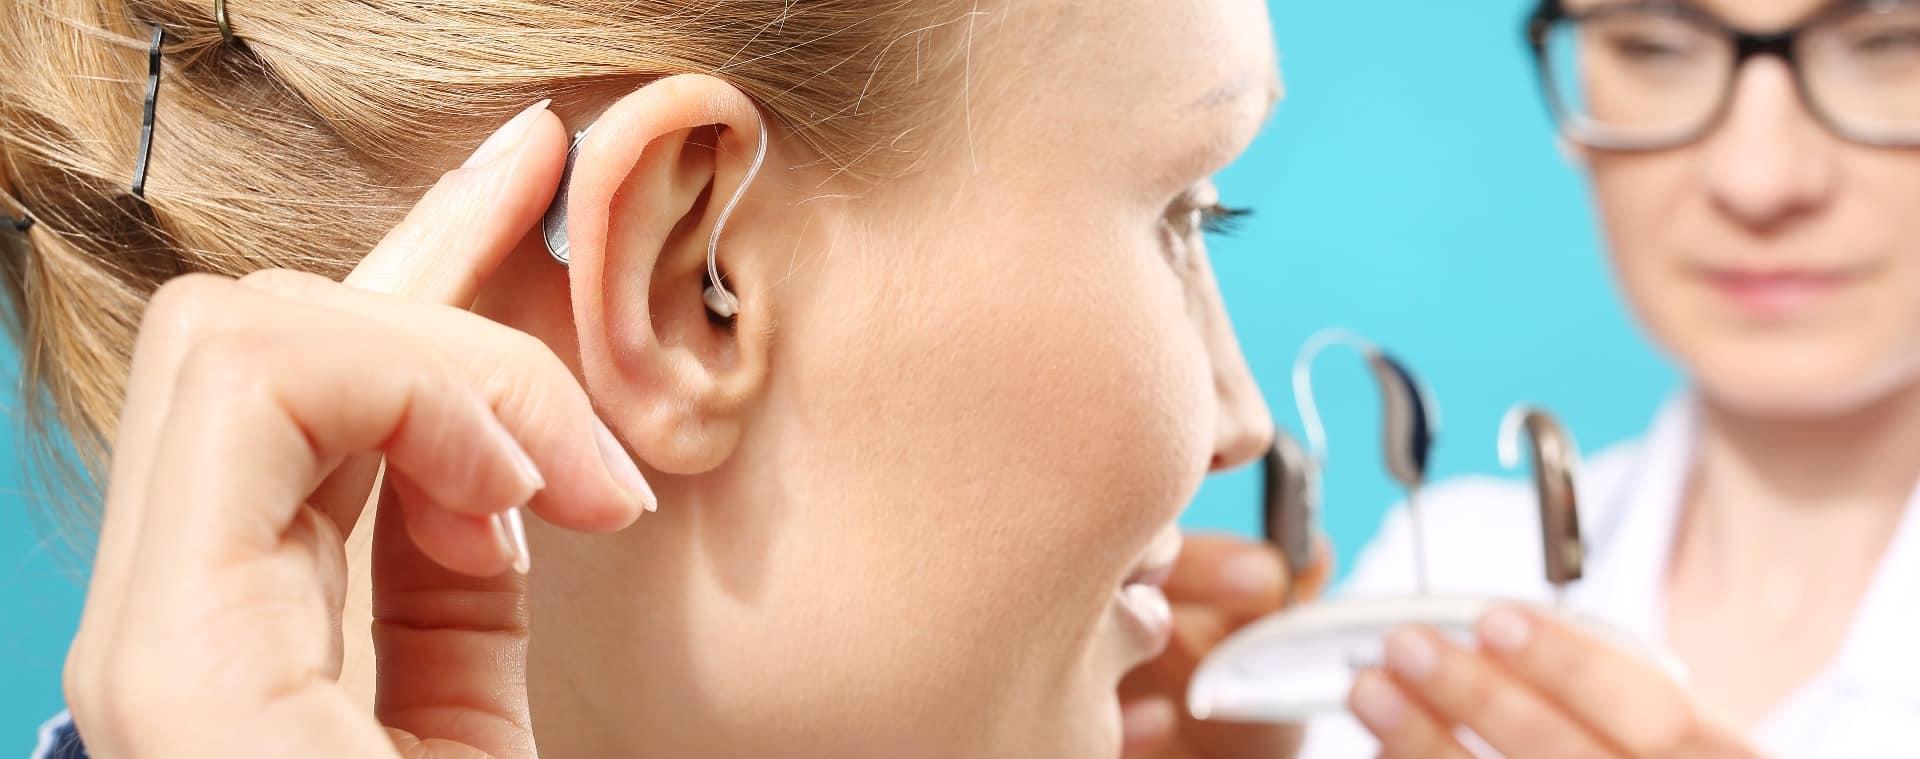 Bénéficier de l'assistance de l'audioprothésiste